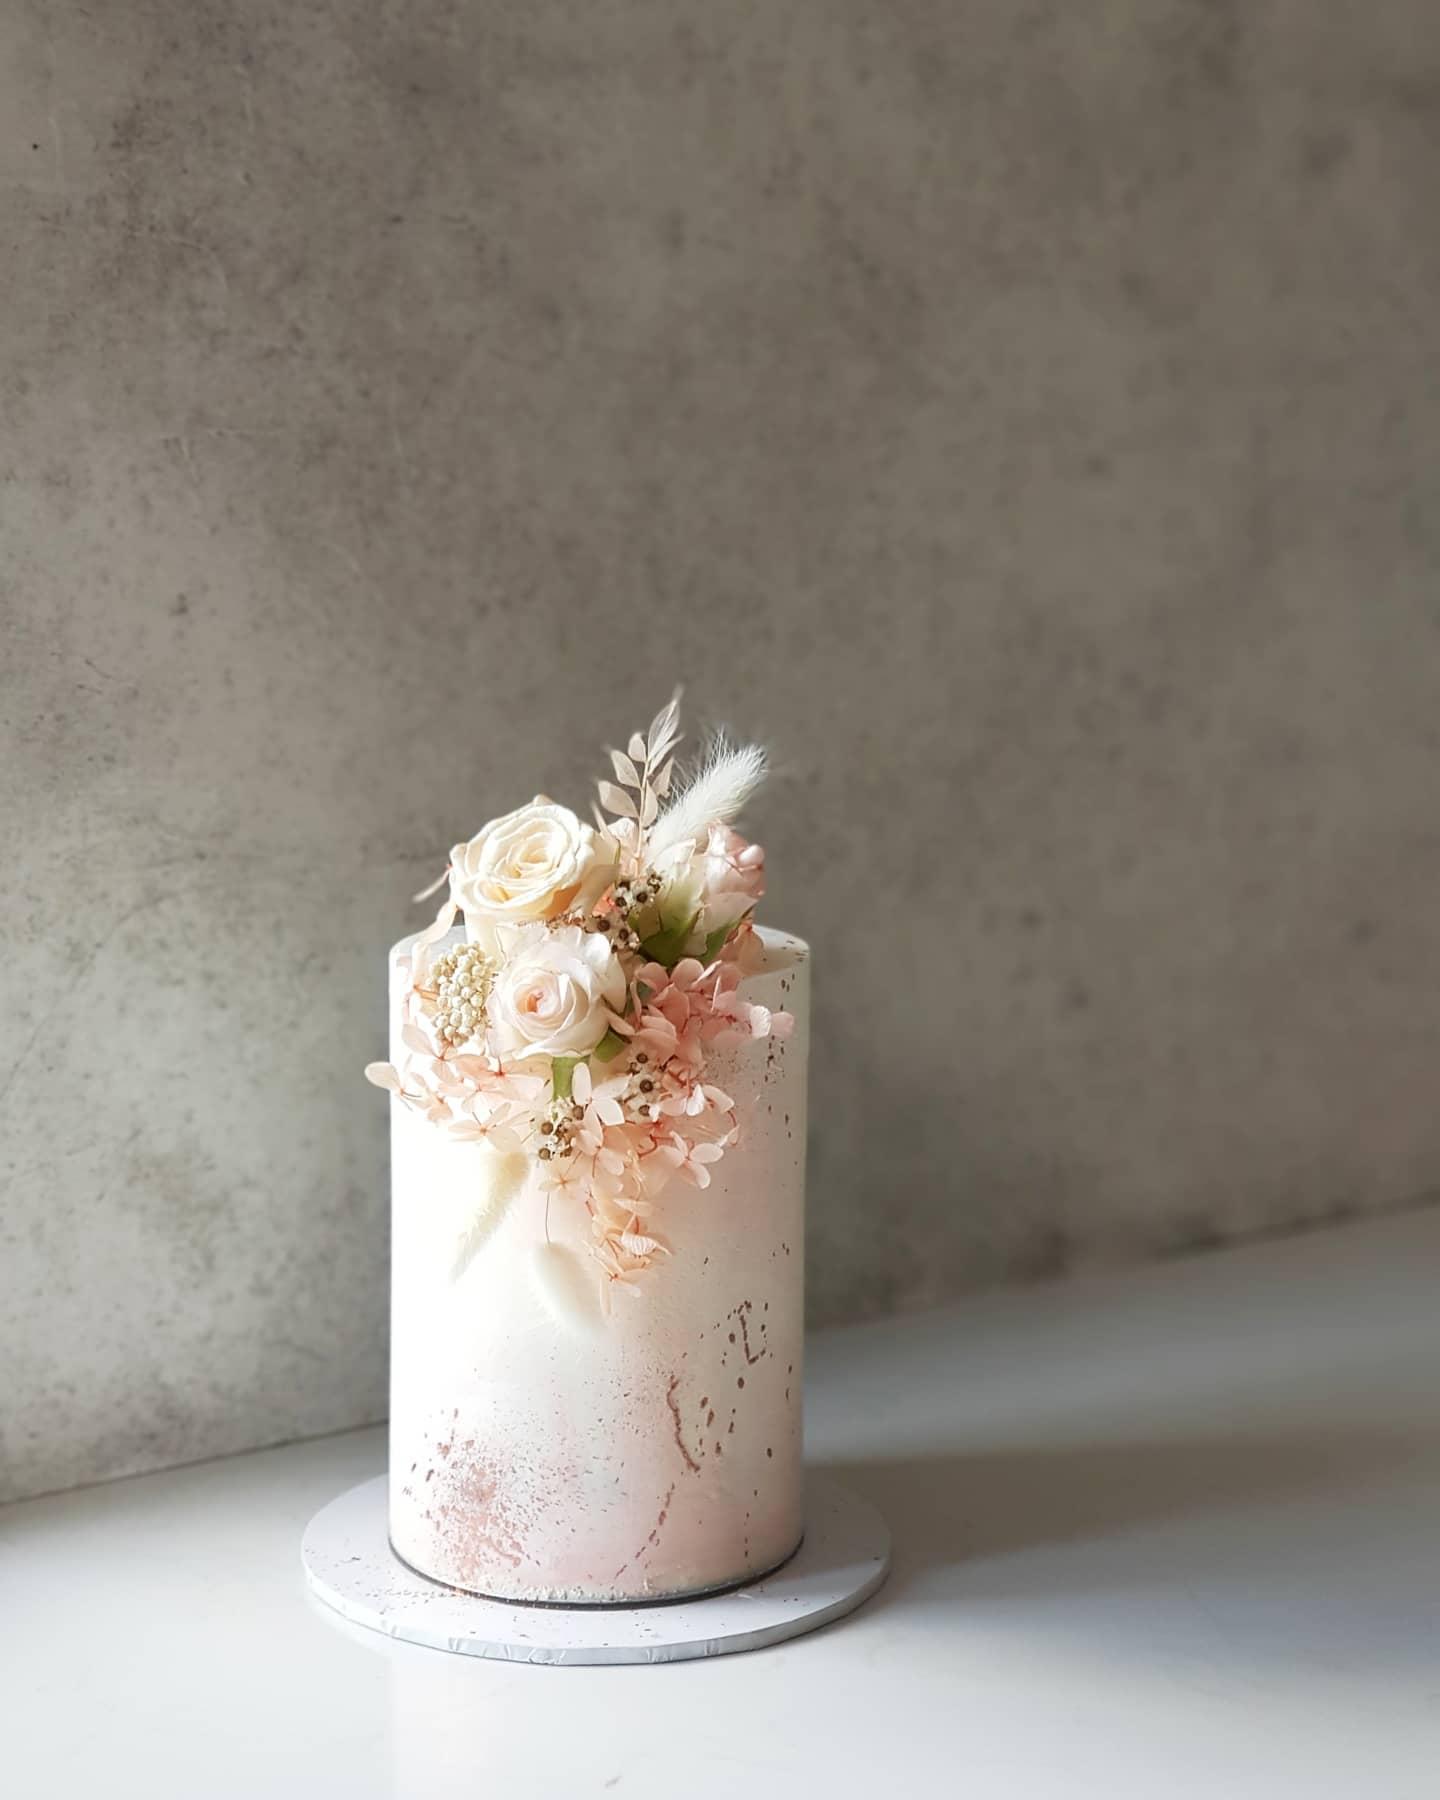 canberra wedding cake designer cakes weddings